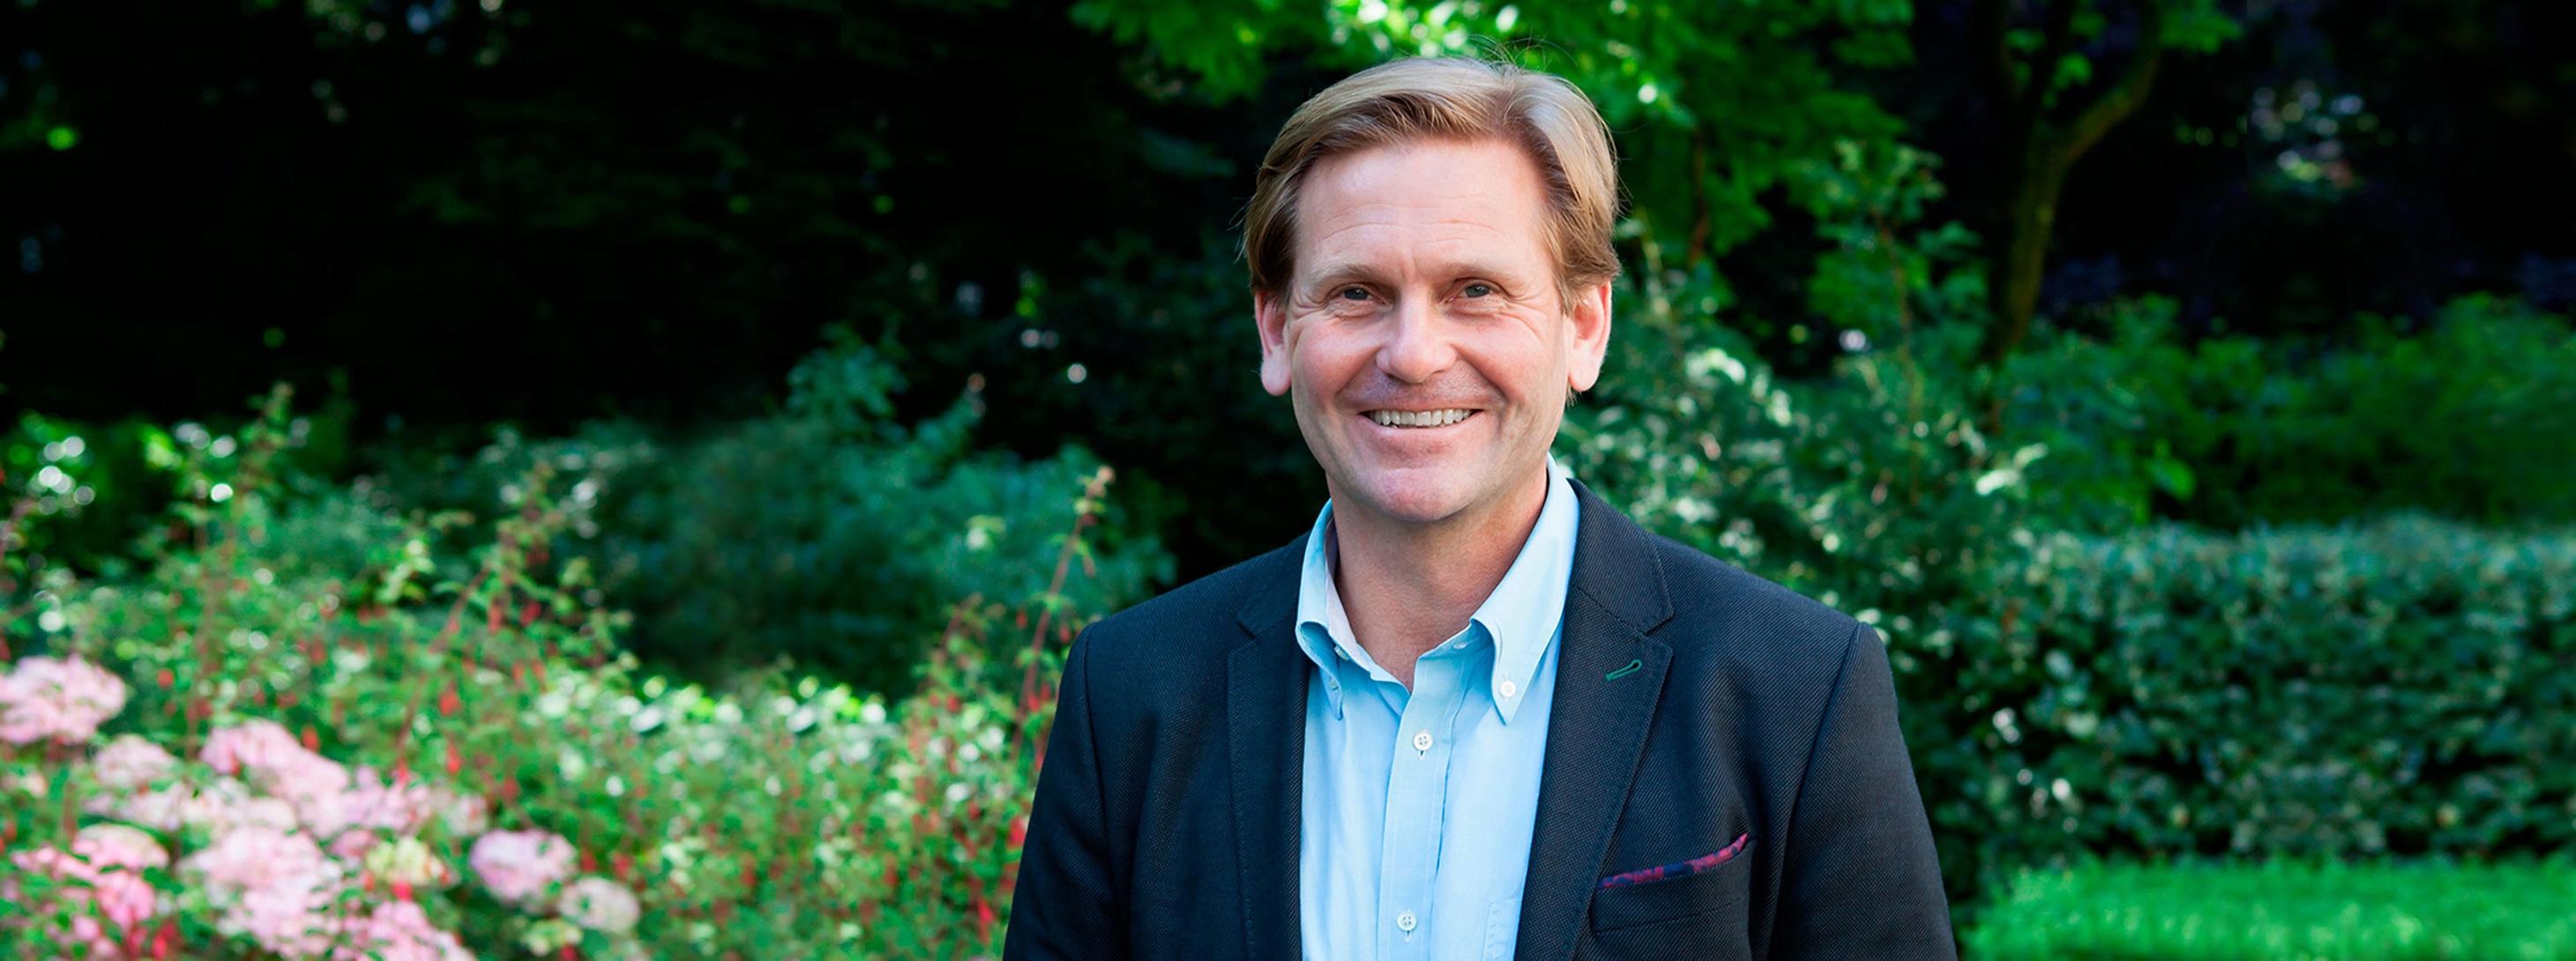 Portrait Jorge Oudendijk from Joren Lawyers, Amsterdam